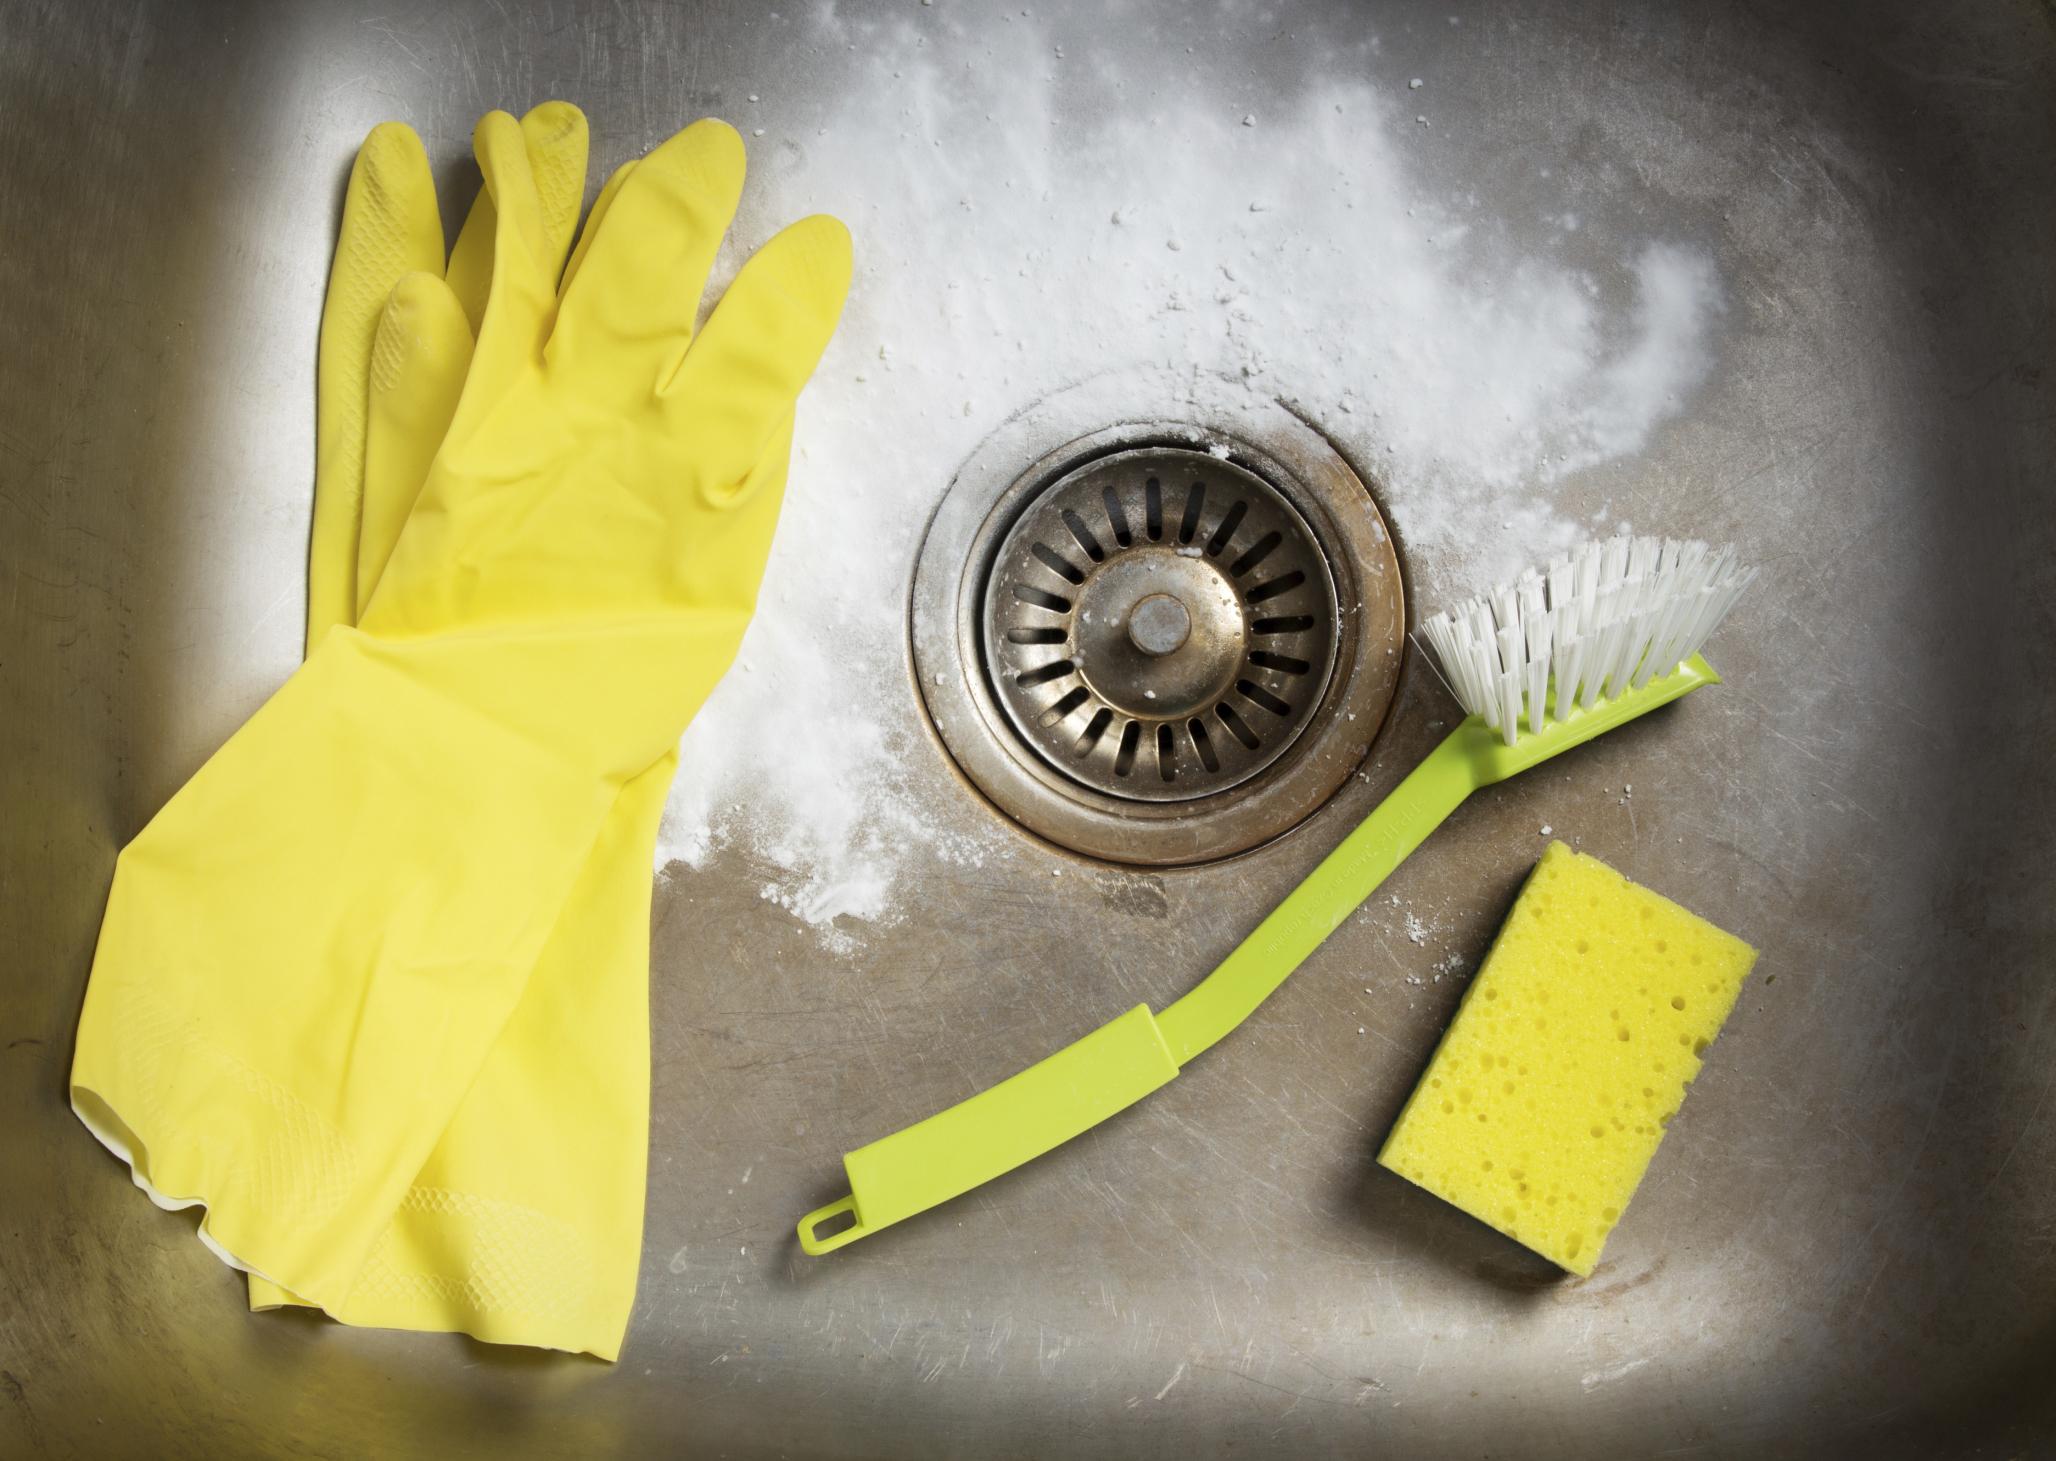 comment déboucher un évier avec du bicarbonate de soude - odébouchage